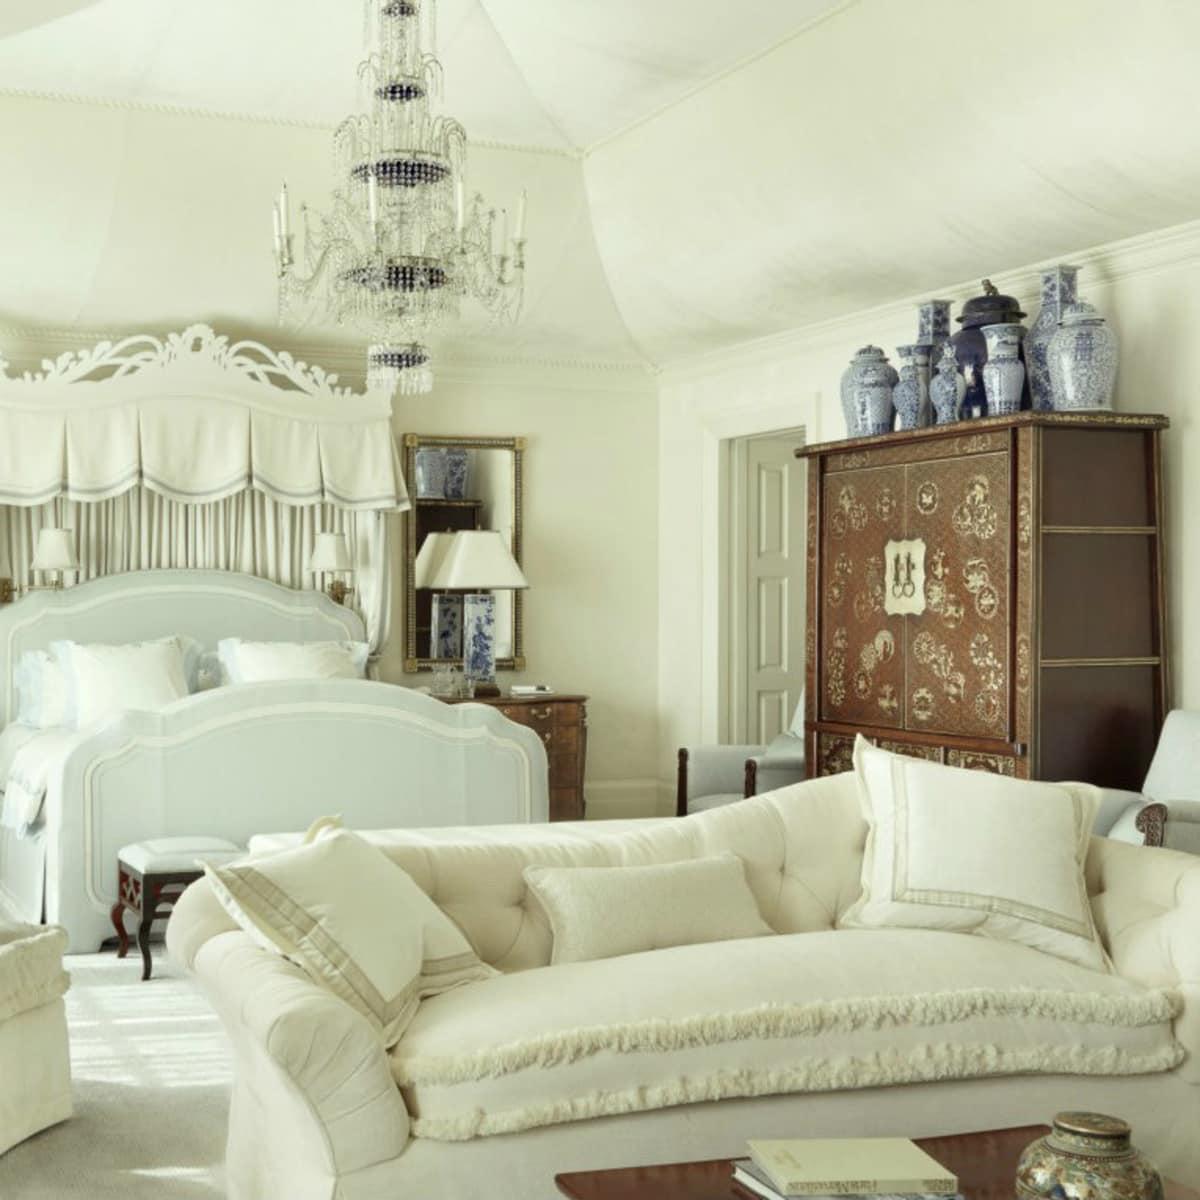 5950 Deloache Ave. for sale in Dallas bedroom